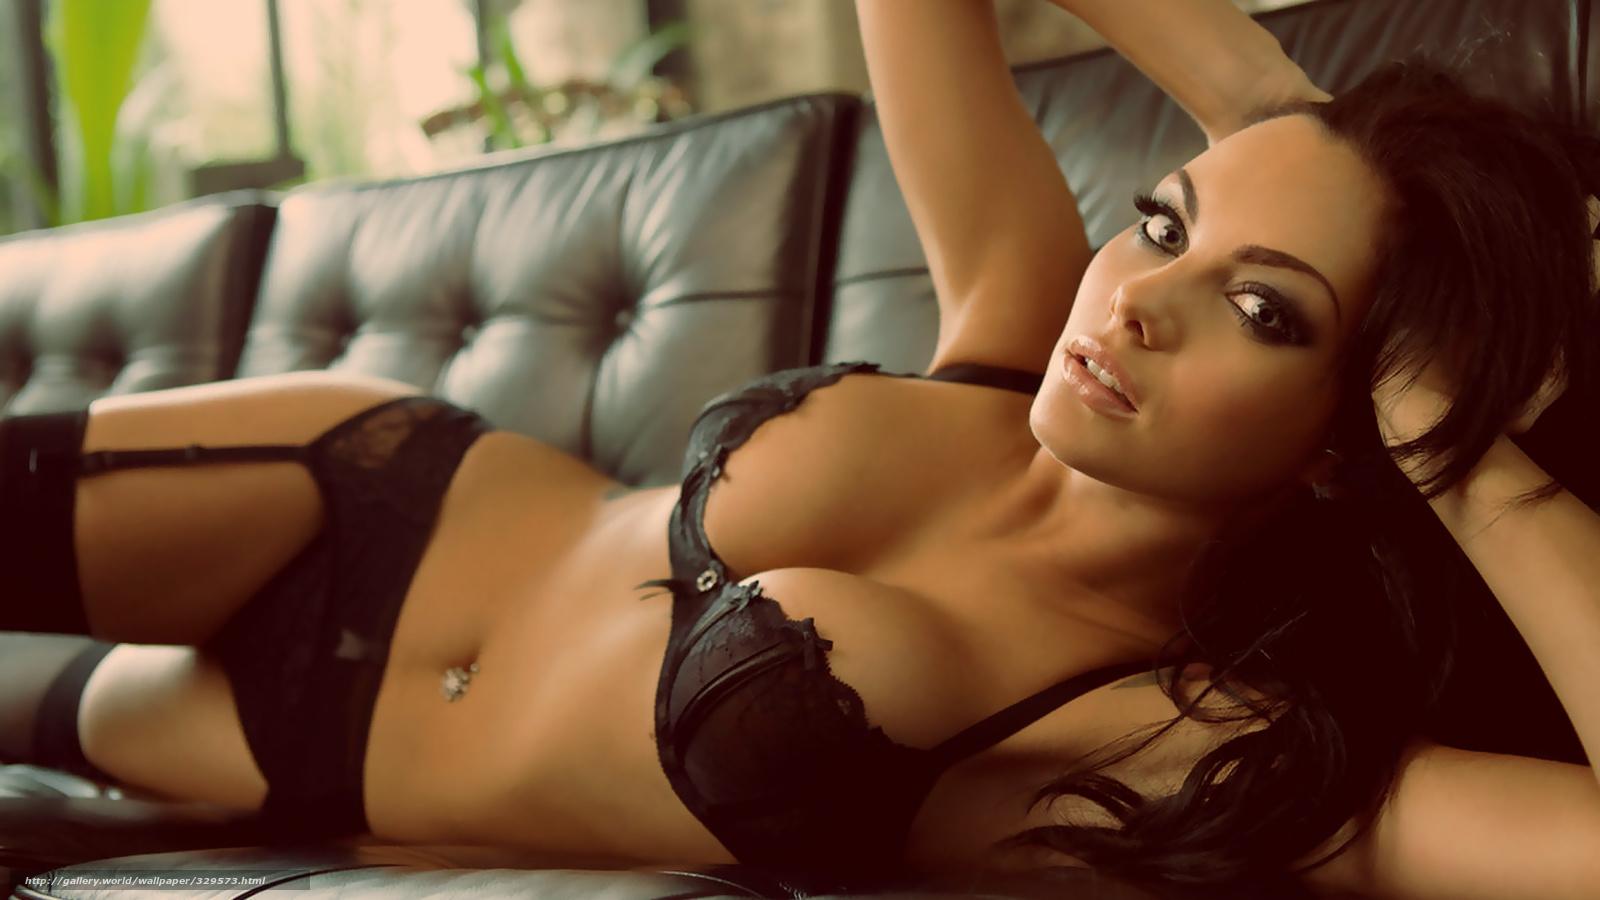 Смотреть женские груди самую большую фото